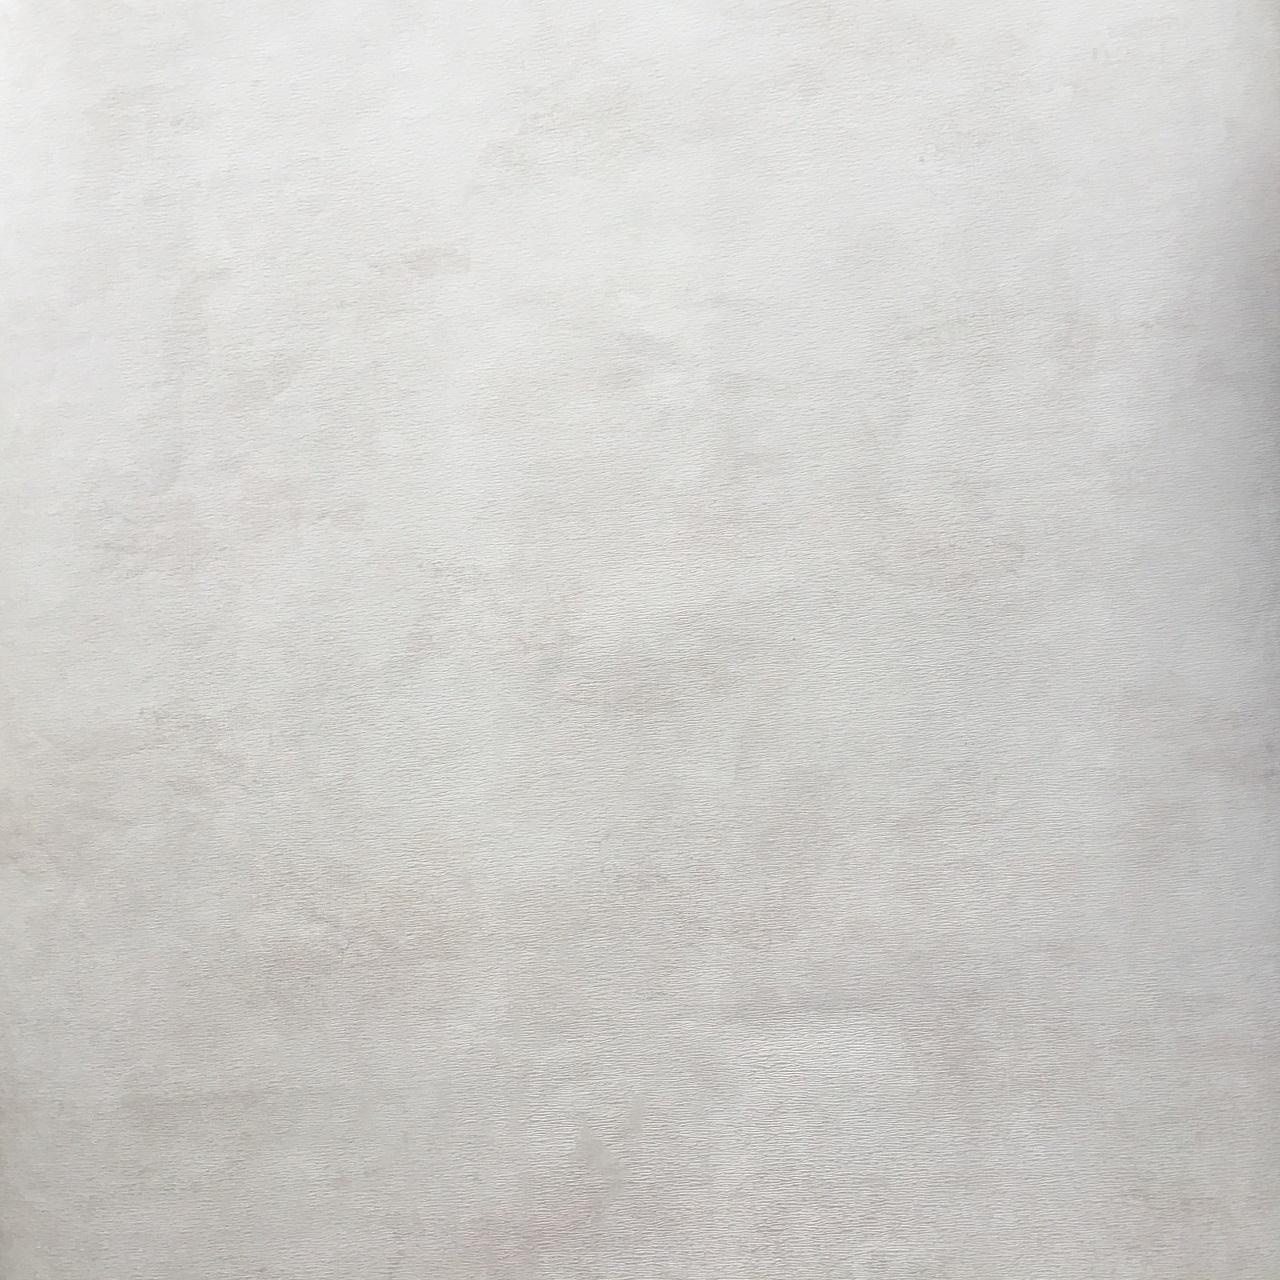 کاغذ دیواری بیوتی مدل ASA-40044